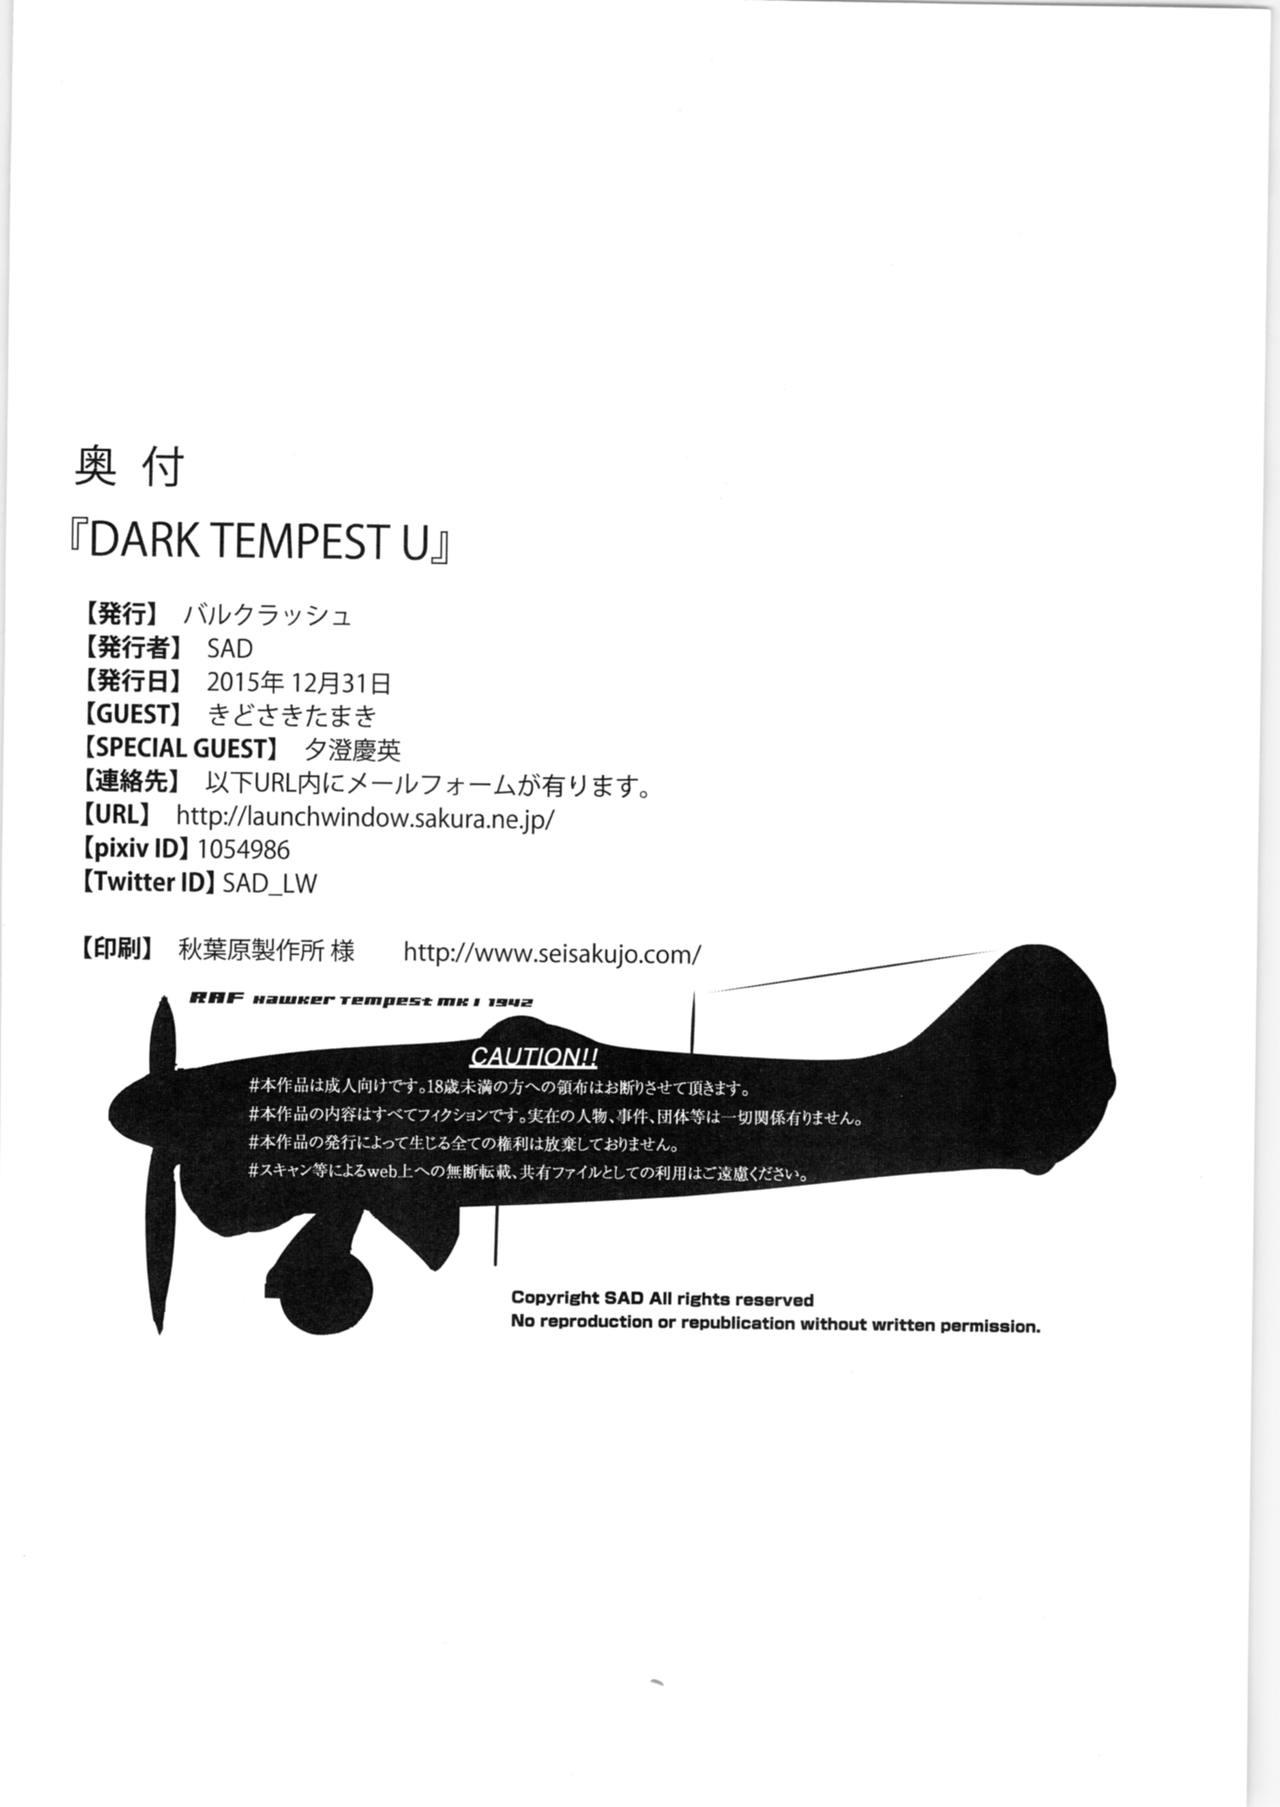 DARK TEMPEST U 40